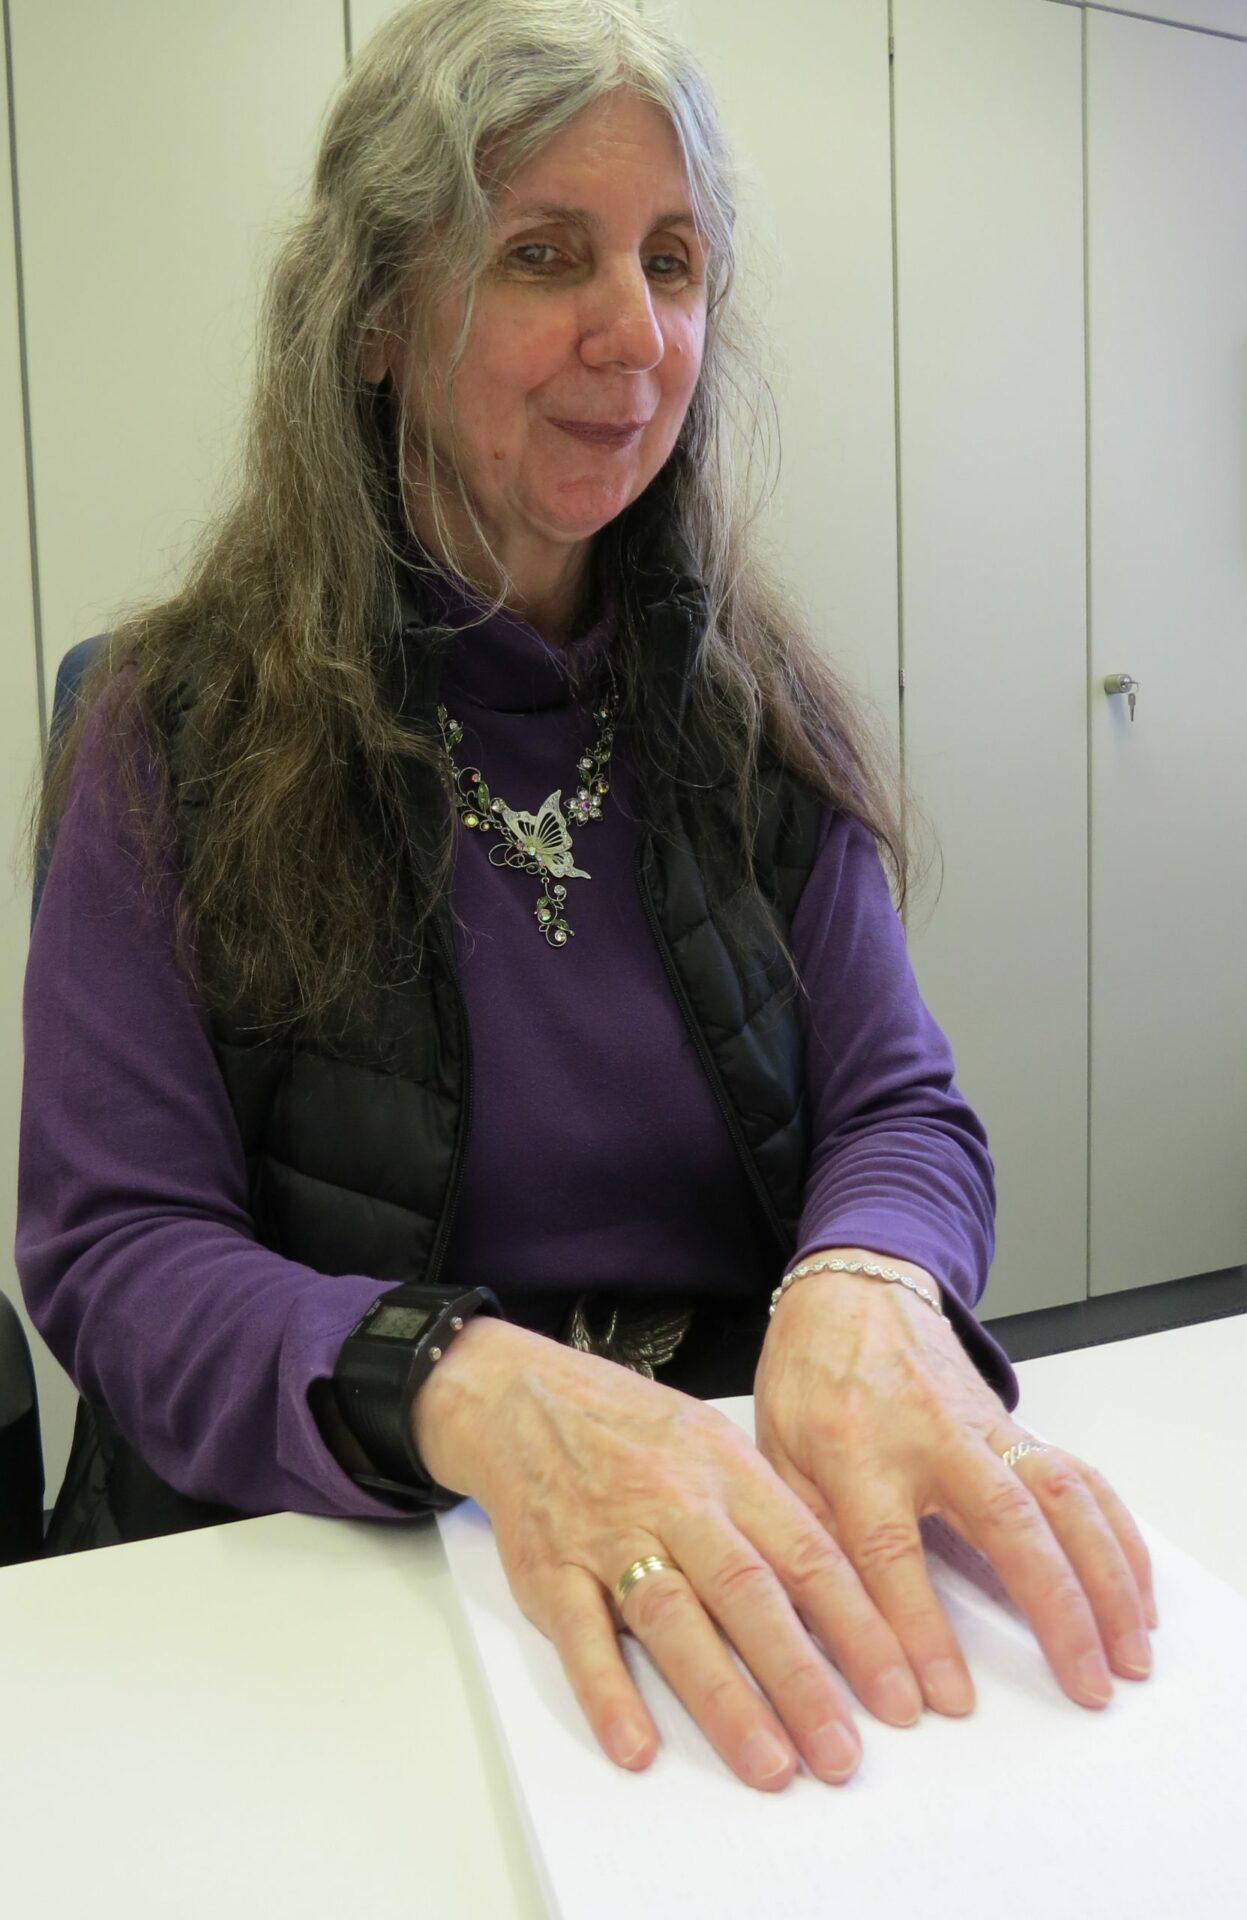 Heidi Böhm liest Braille